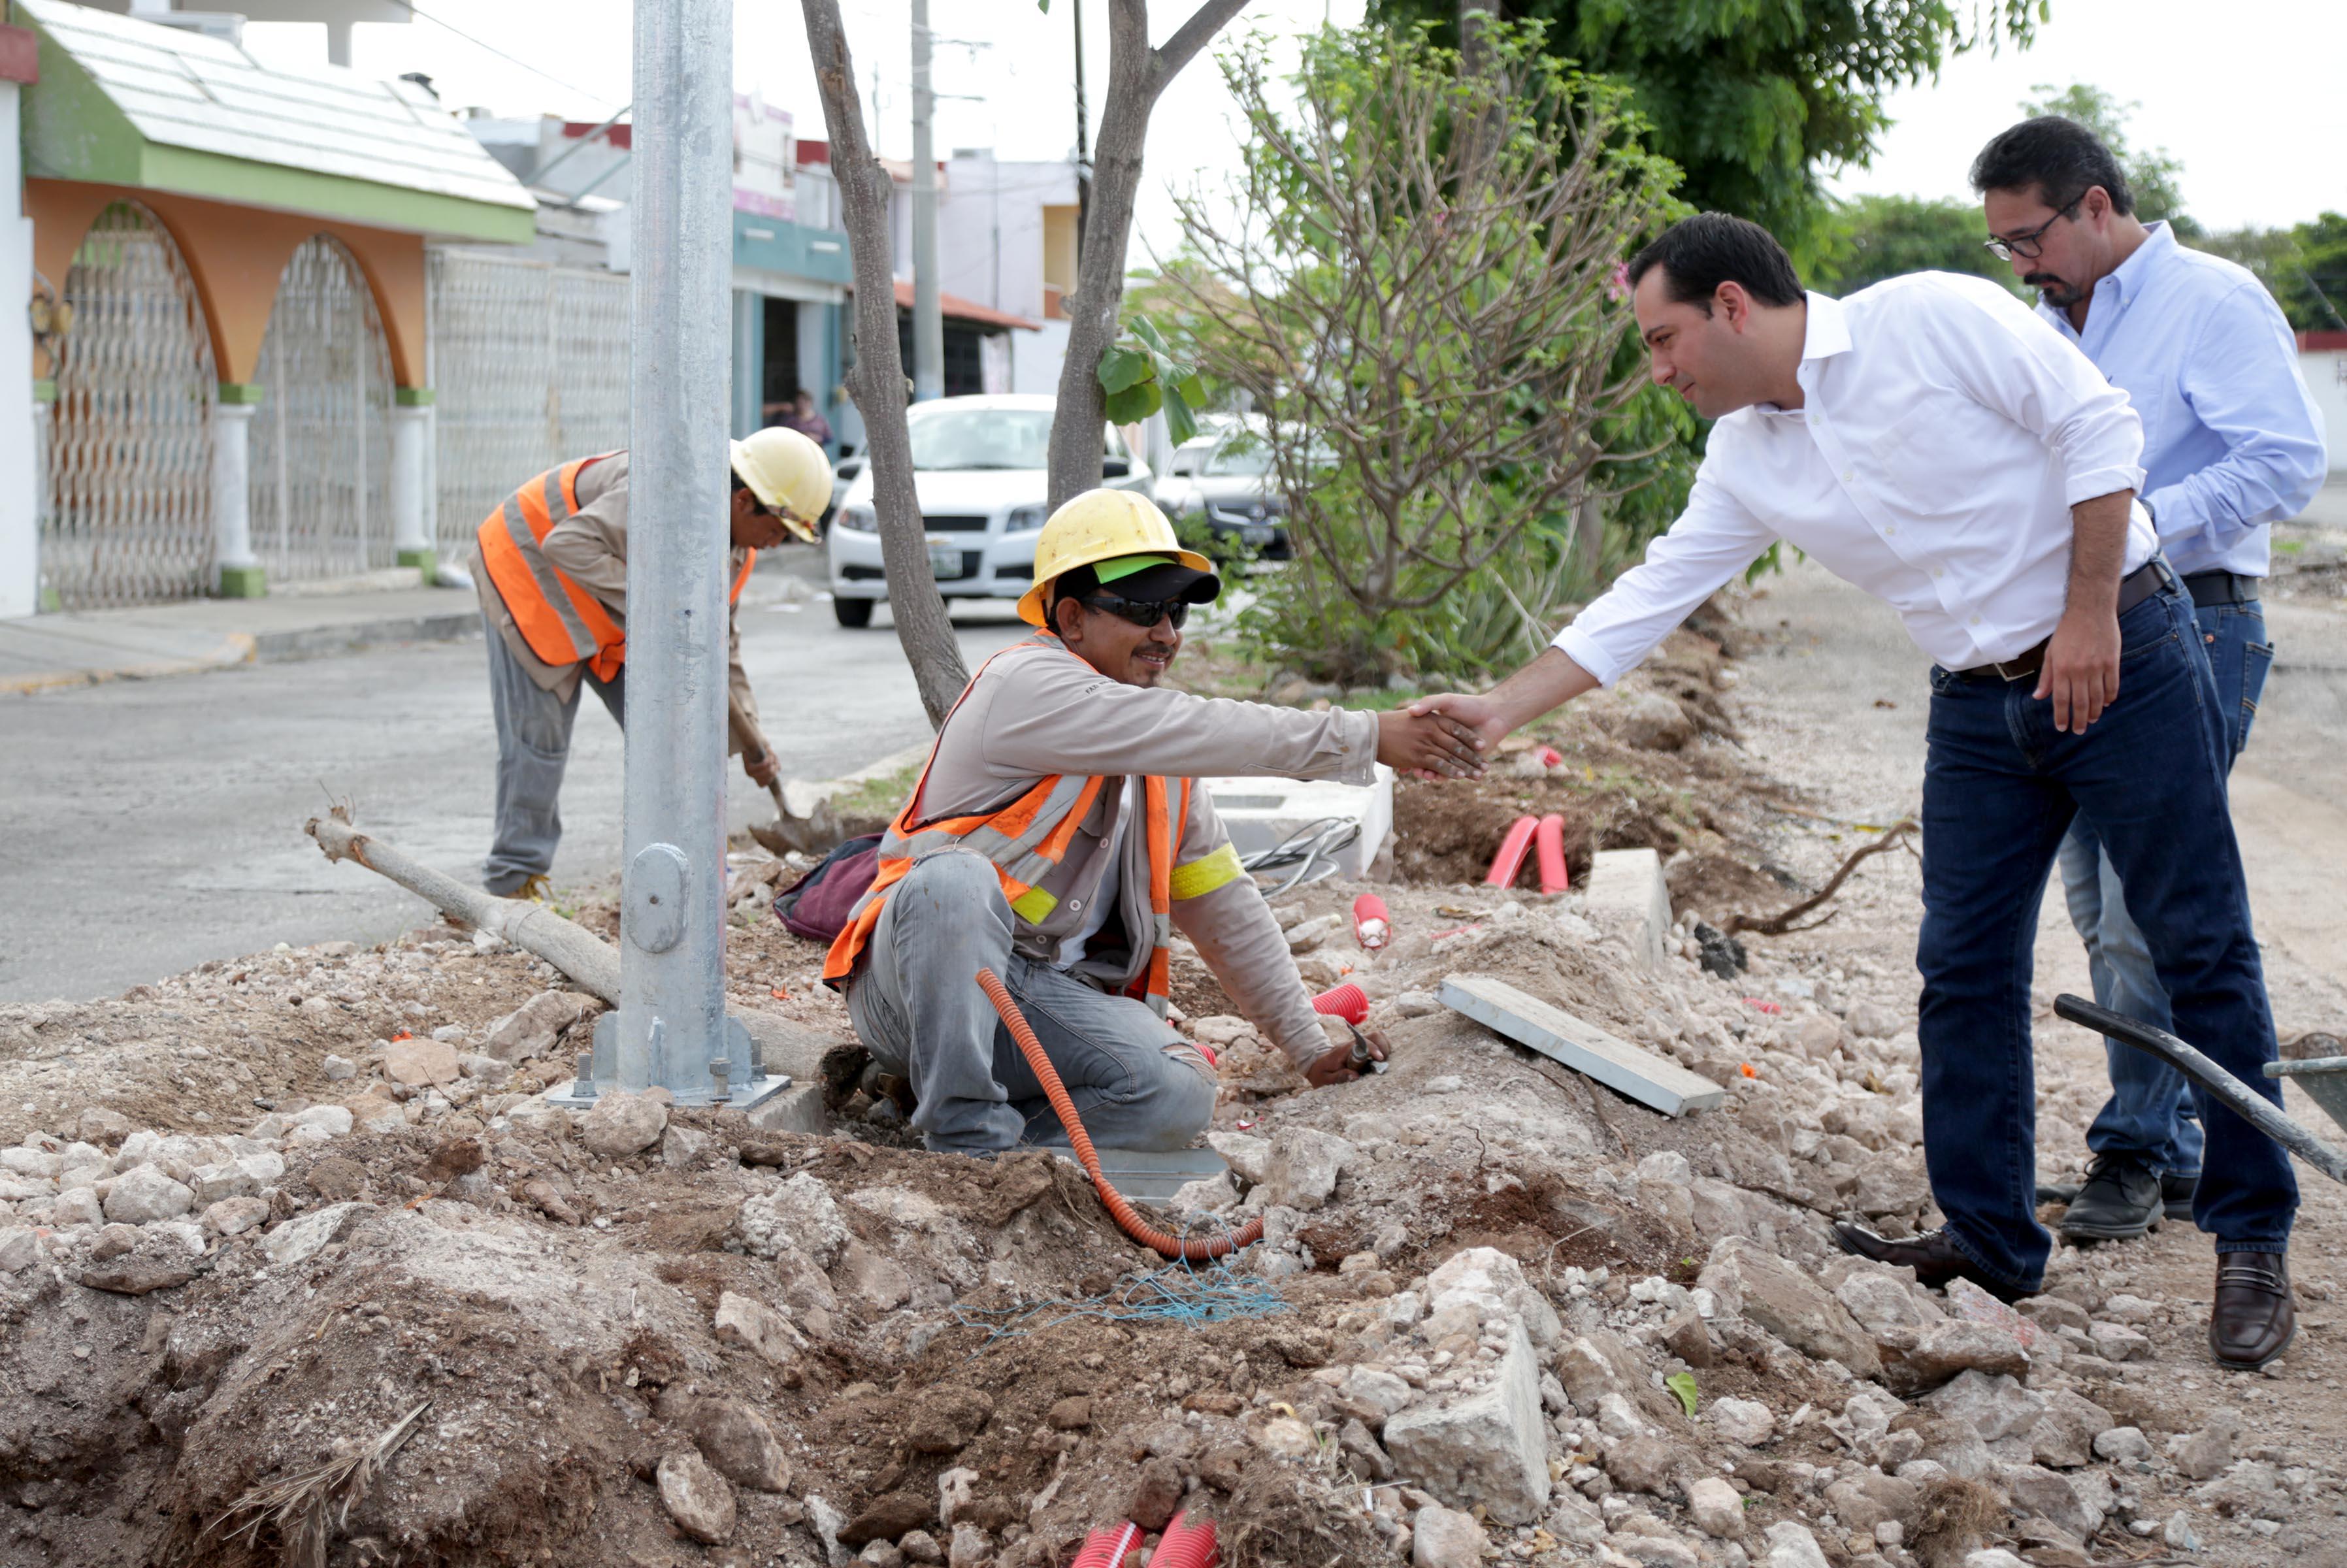 Mejoramiento urbano en zona de Cordemex, con 53% de avance